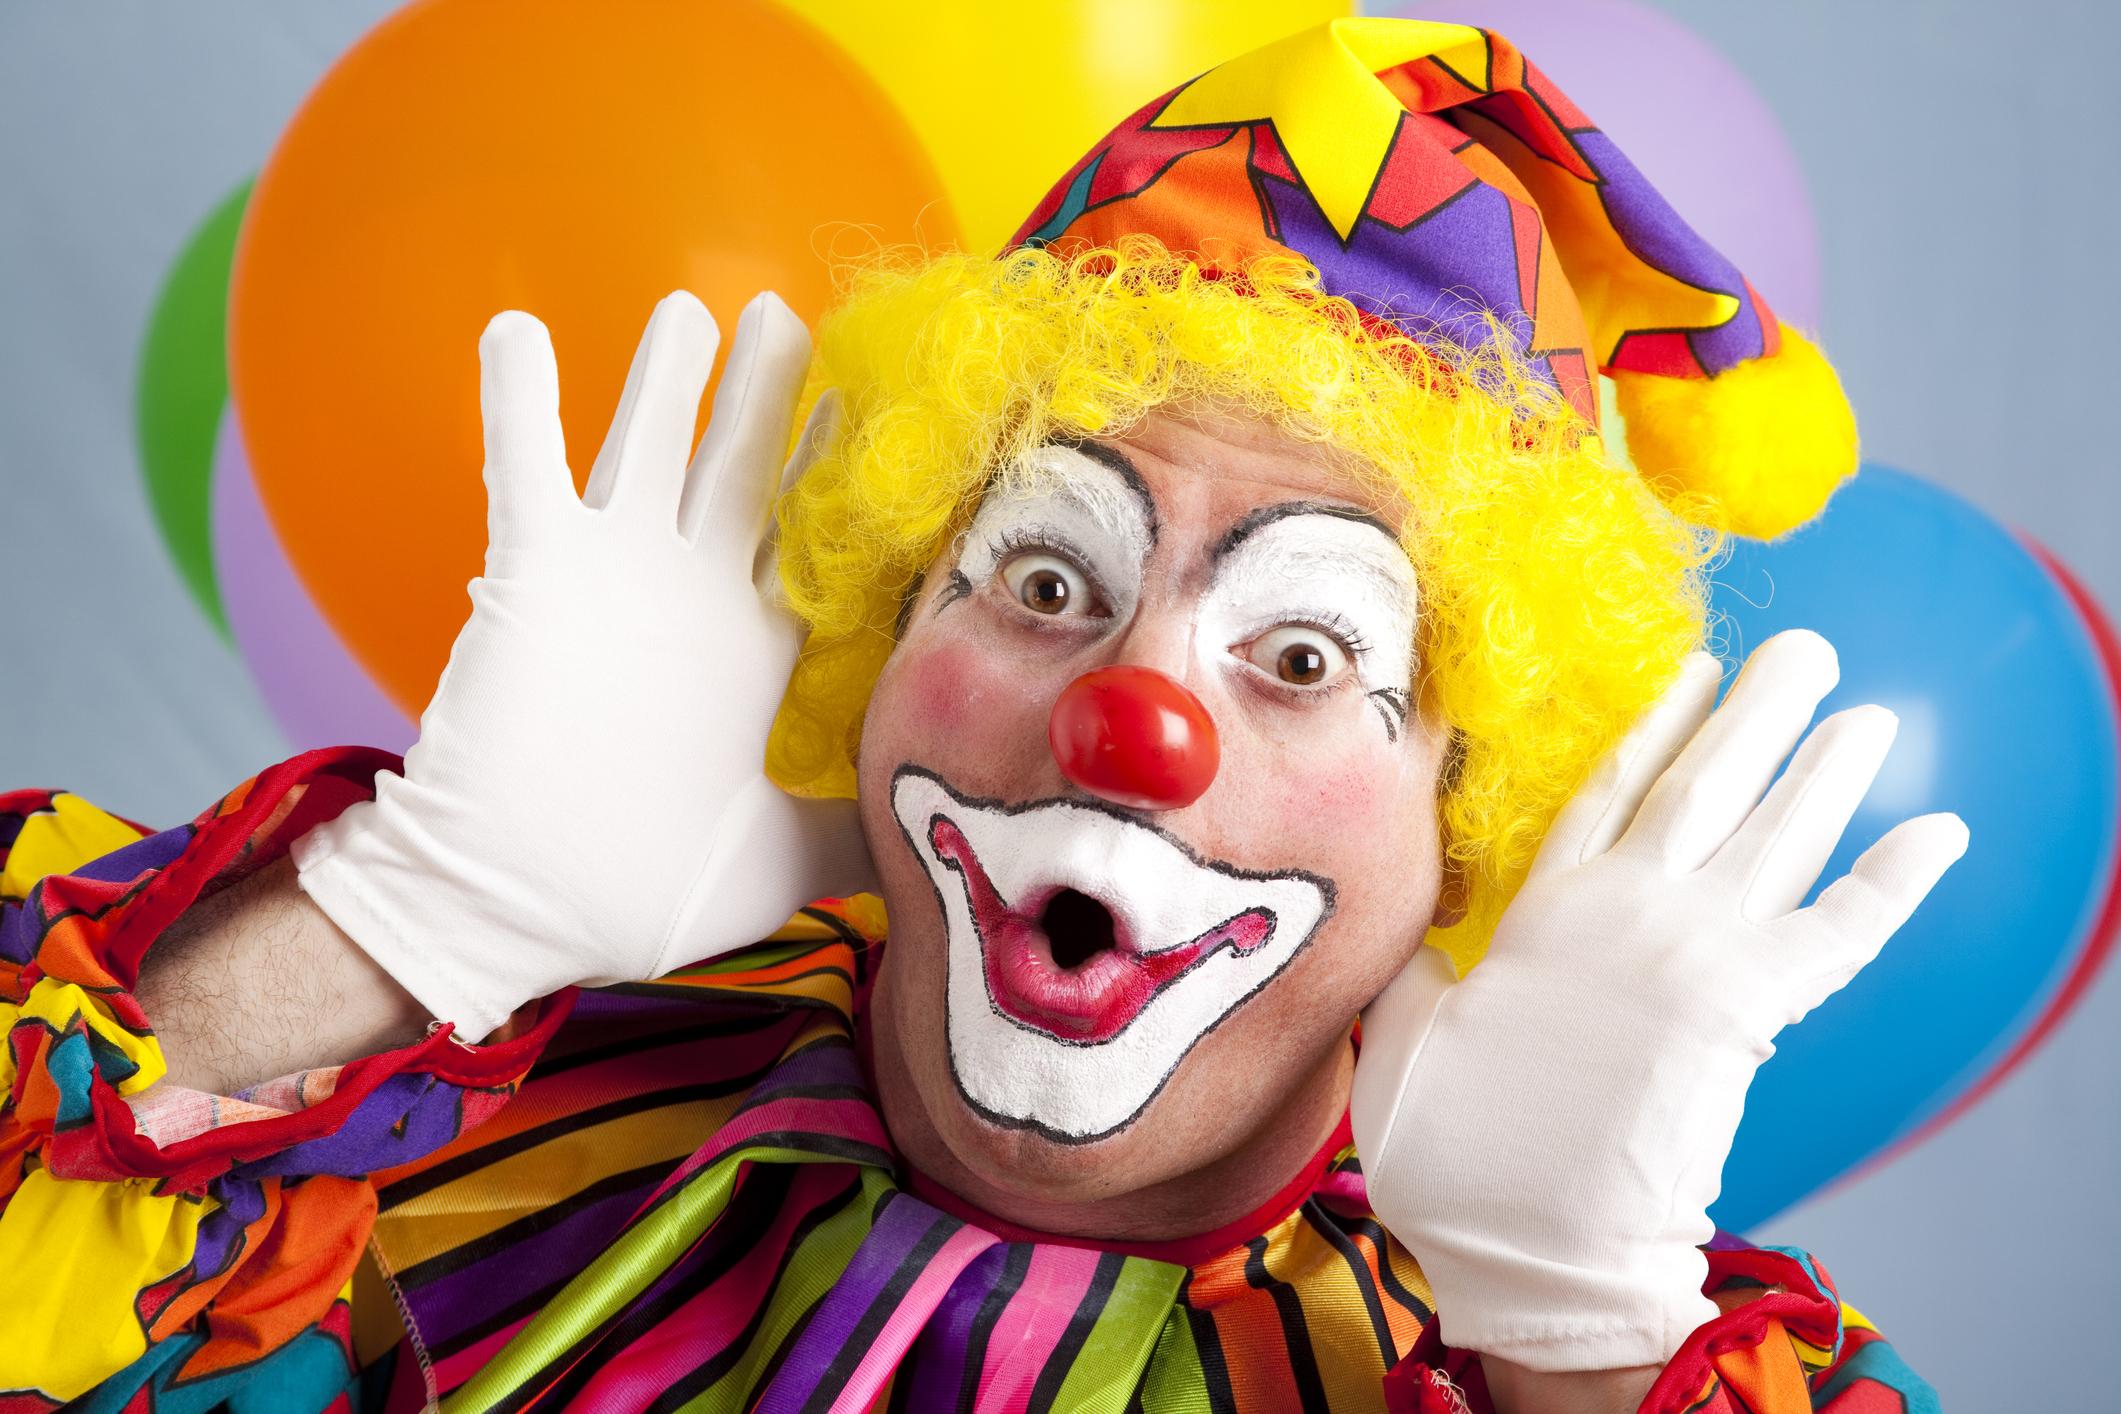 Мужчина привел клоуна на разговор о своем увольнении. Клоун делал пуделей  из шариков и изображал плач - Inc. Russia